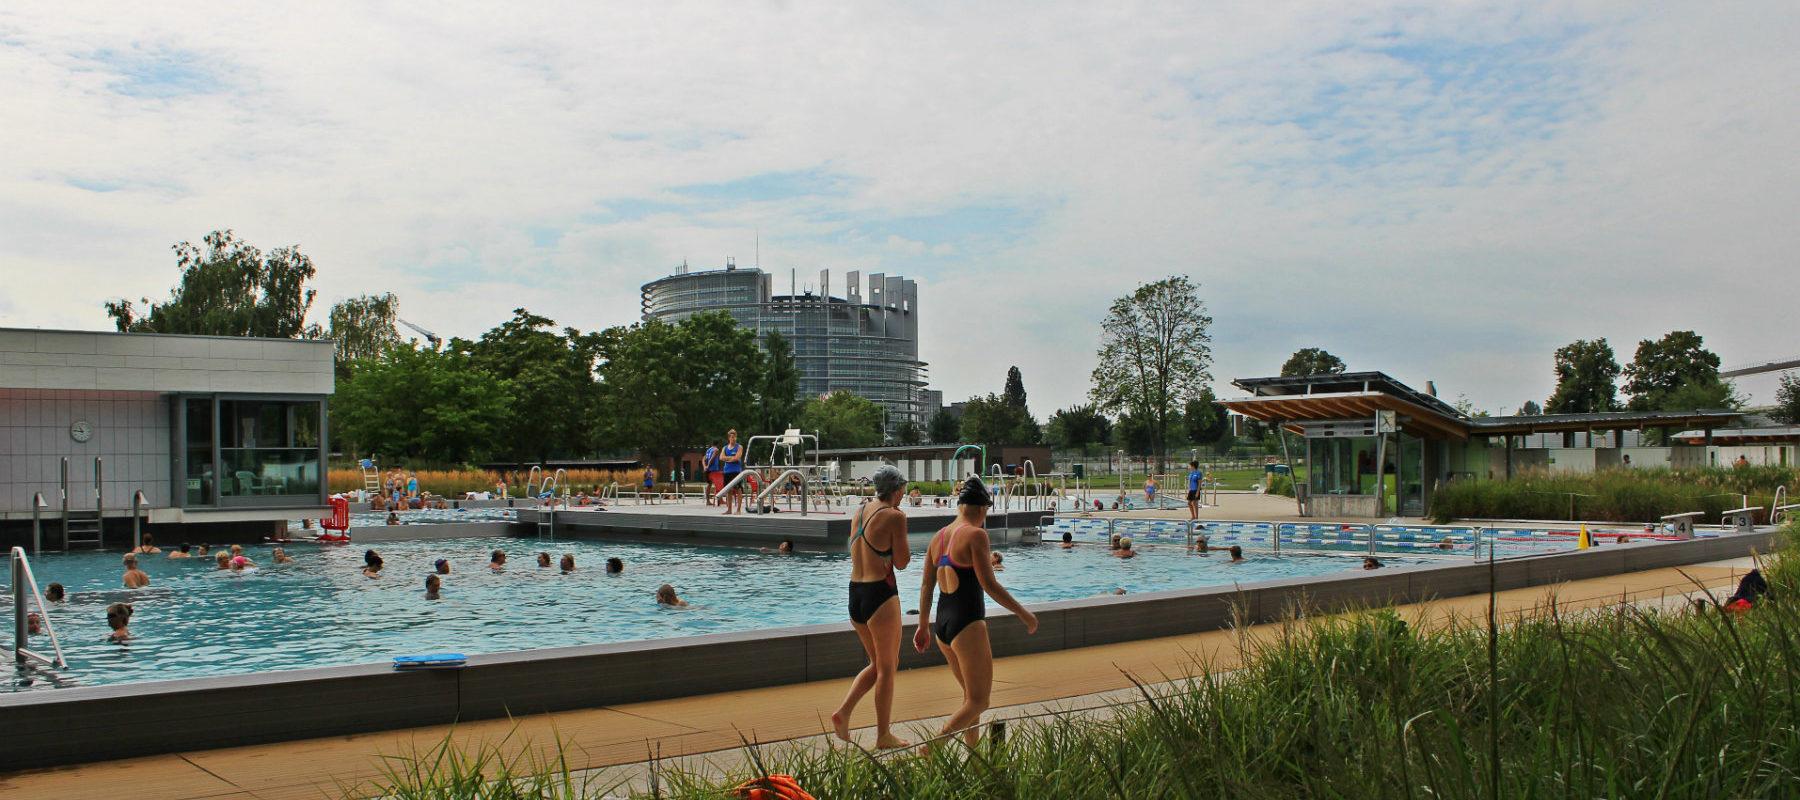 Ce Que La Rénovation Des Piscines A Changé À Strasbourg avec Piscine Offenburg